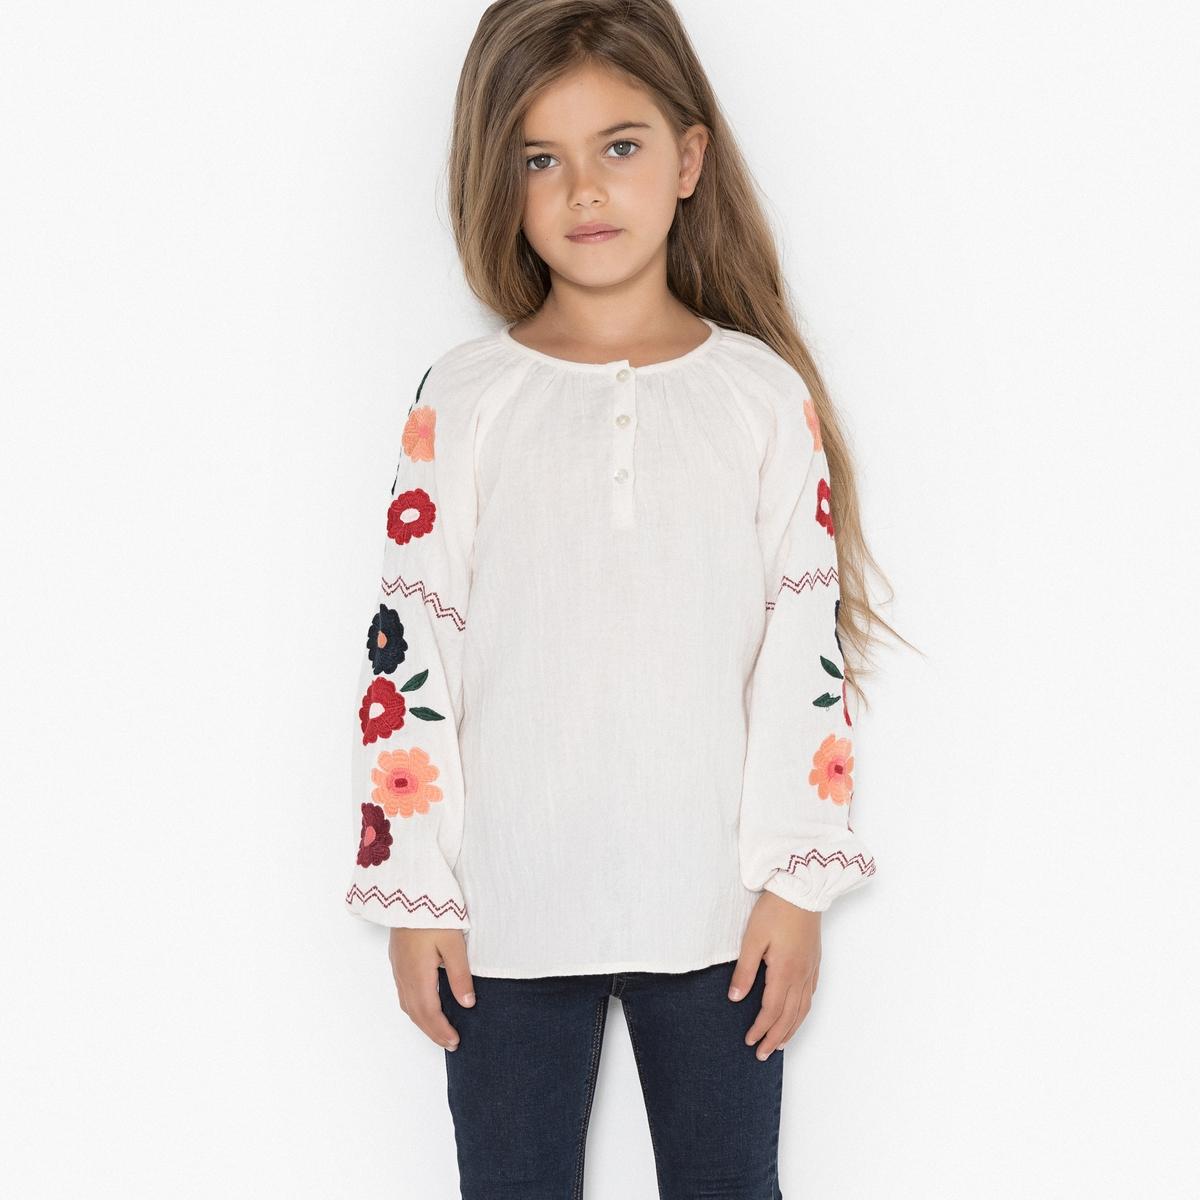 Блузка с вышивкой, 3-12 лет